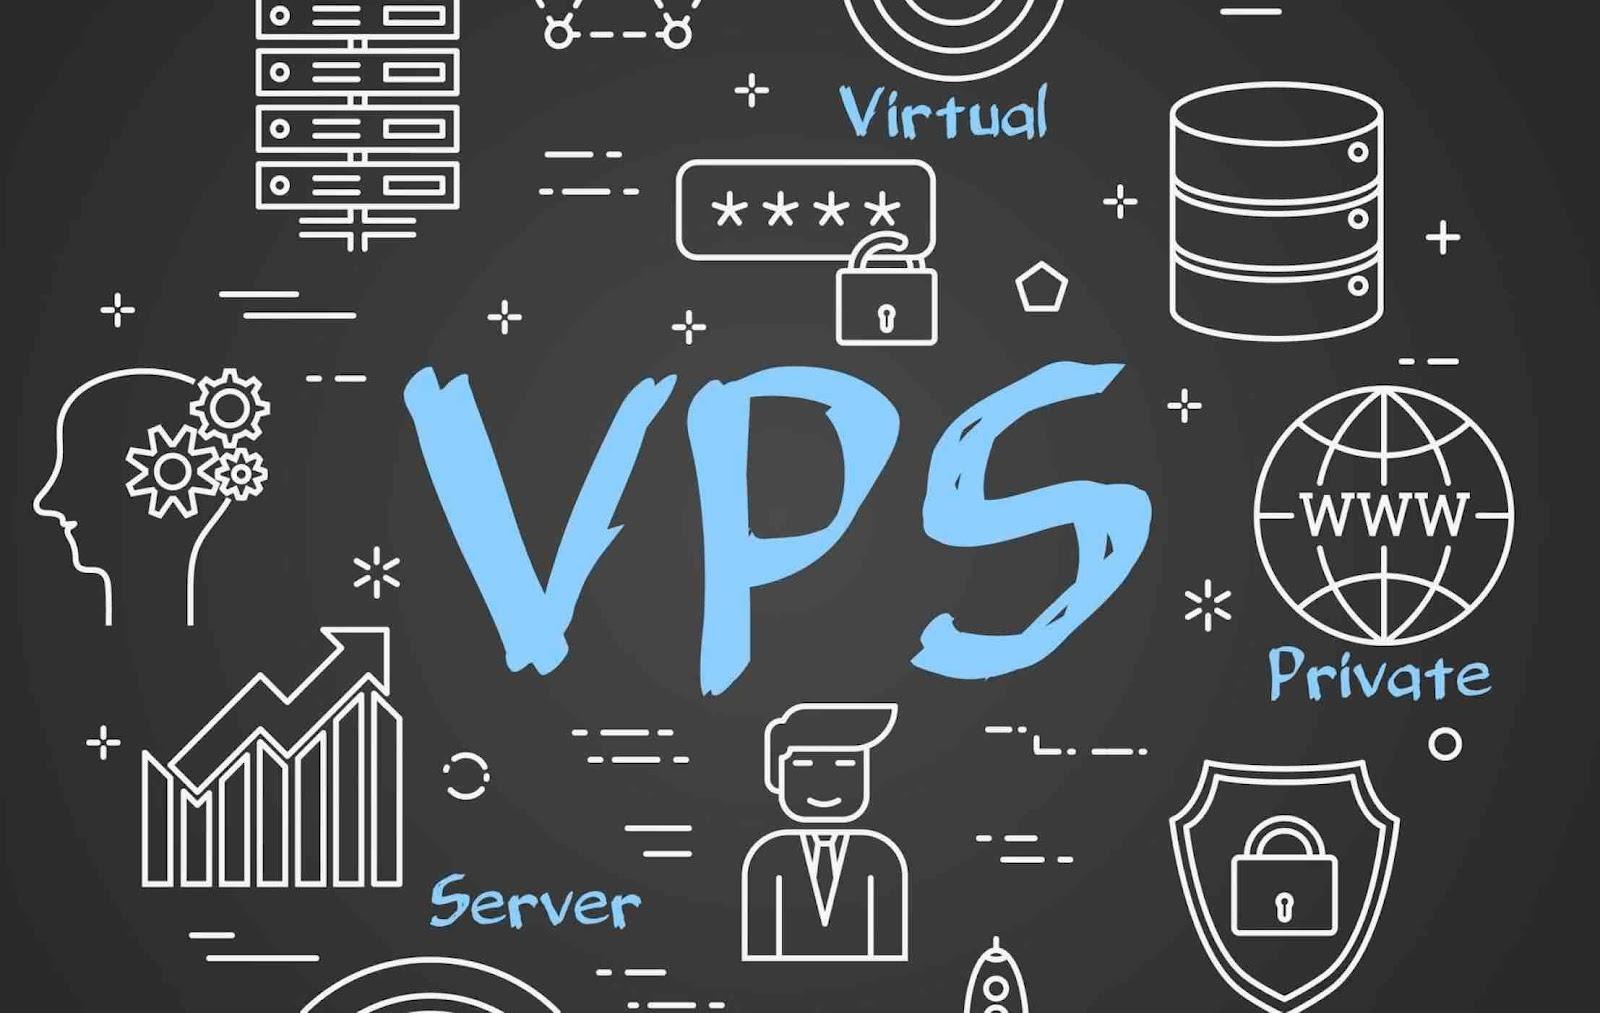 Chia sẻ thông tin các gói VPS giá rẻ cho bạn đọc lựa chọn